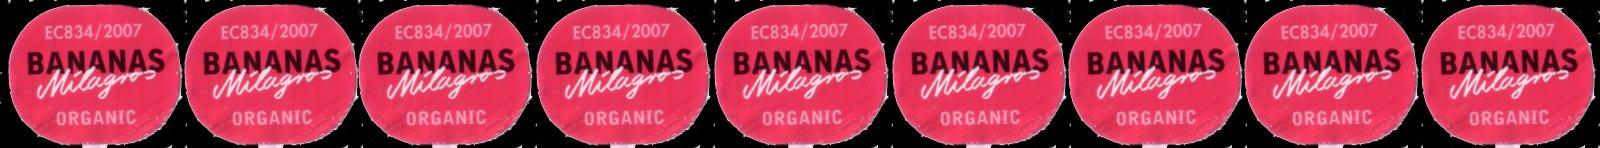 Etiquette_Bananas_Milagnos_Organic